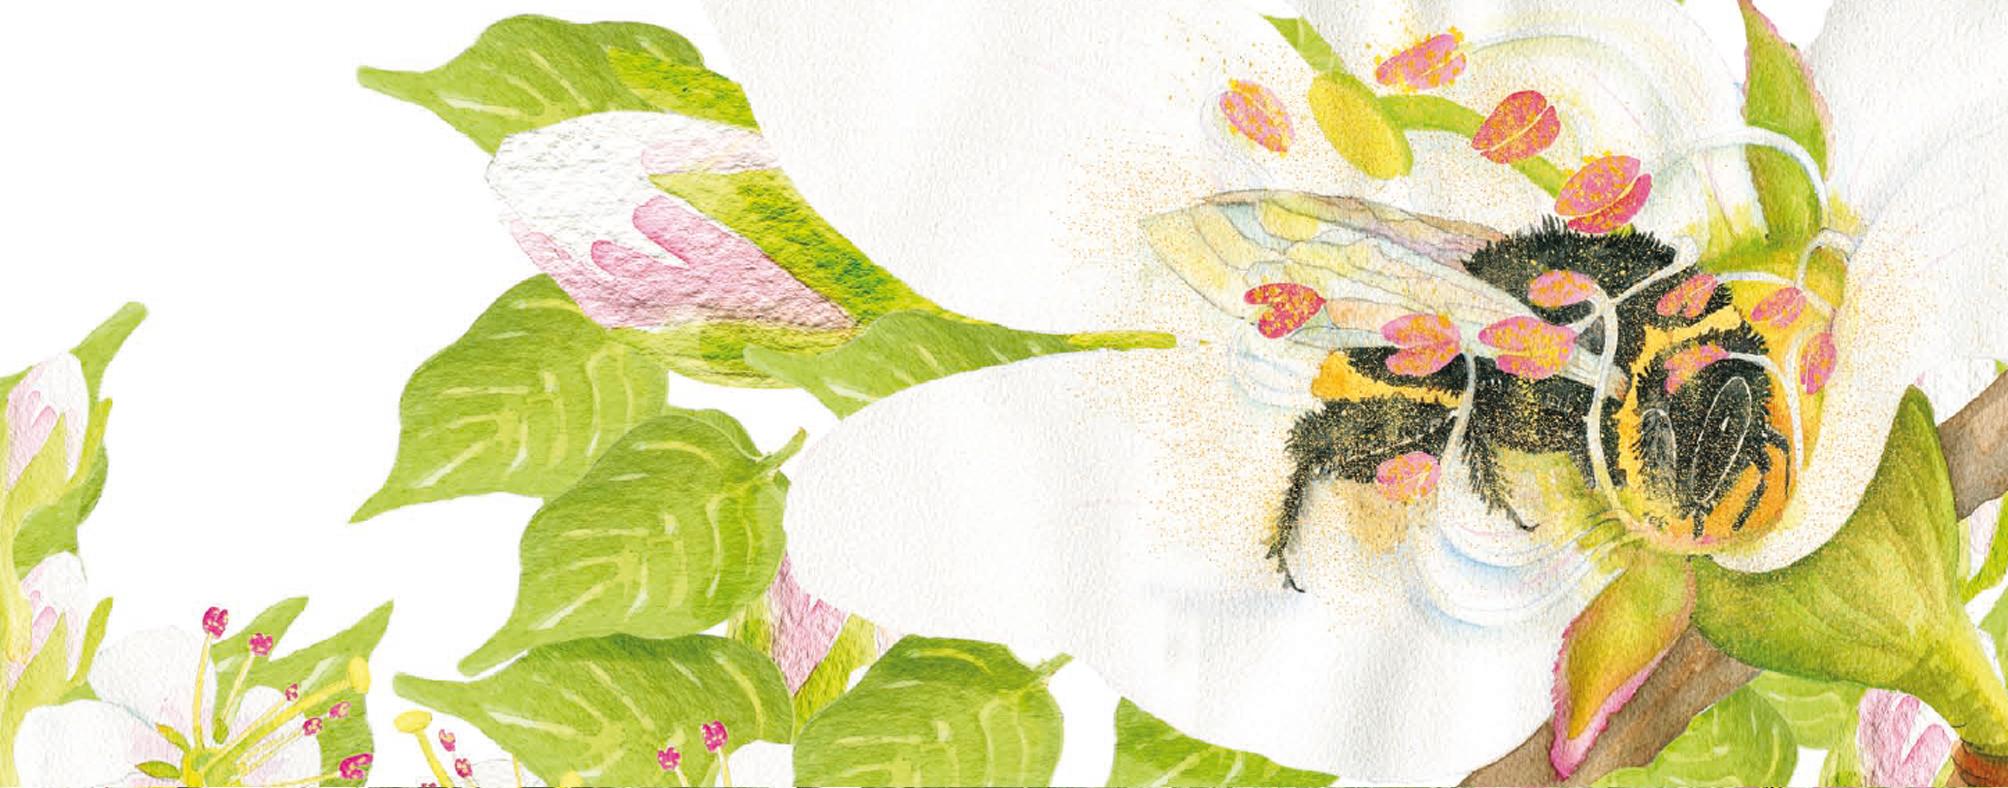 Bild aus dem Buch Pollenküsse